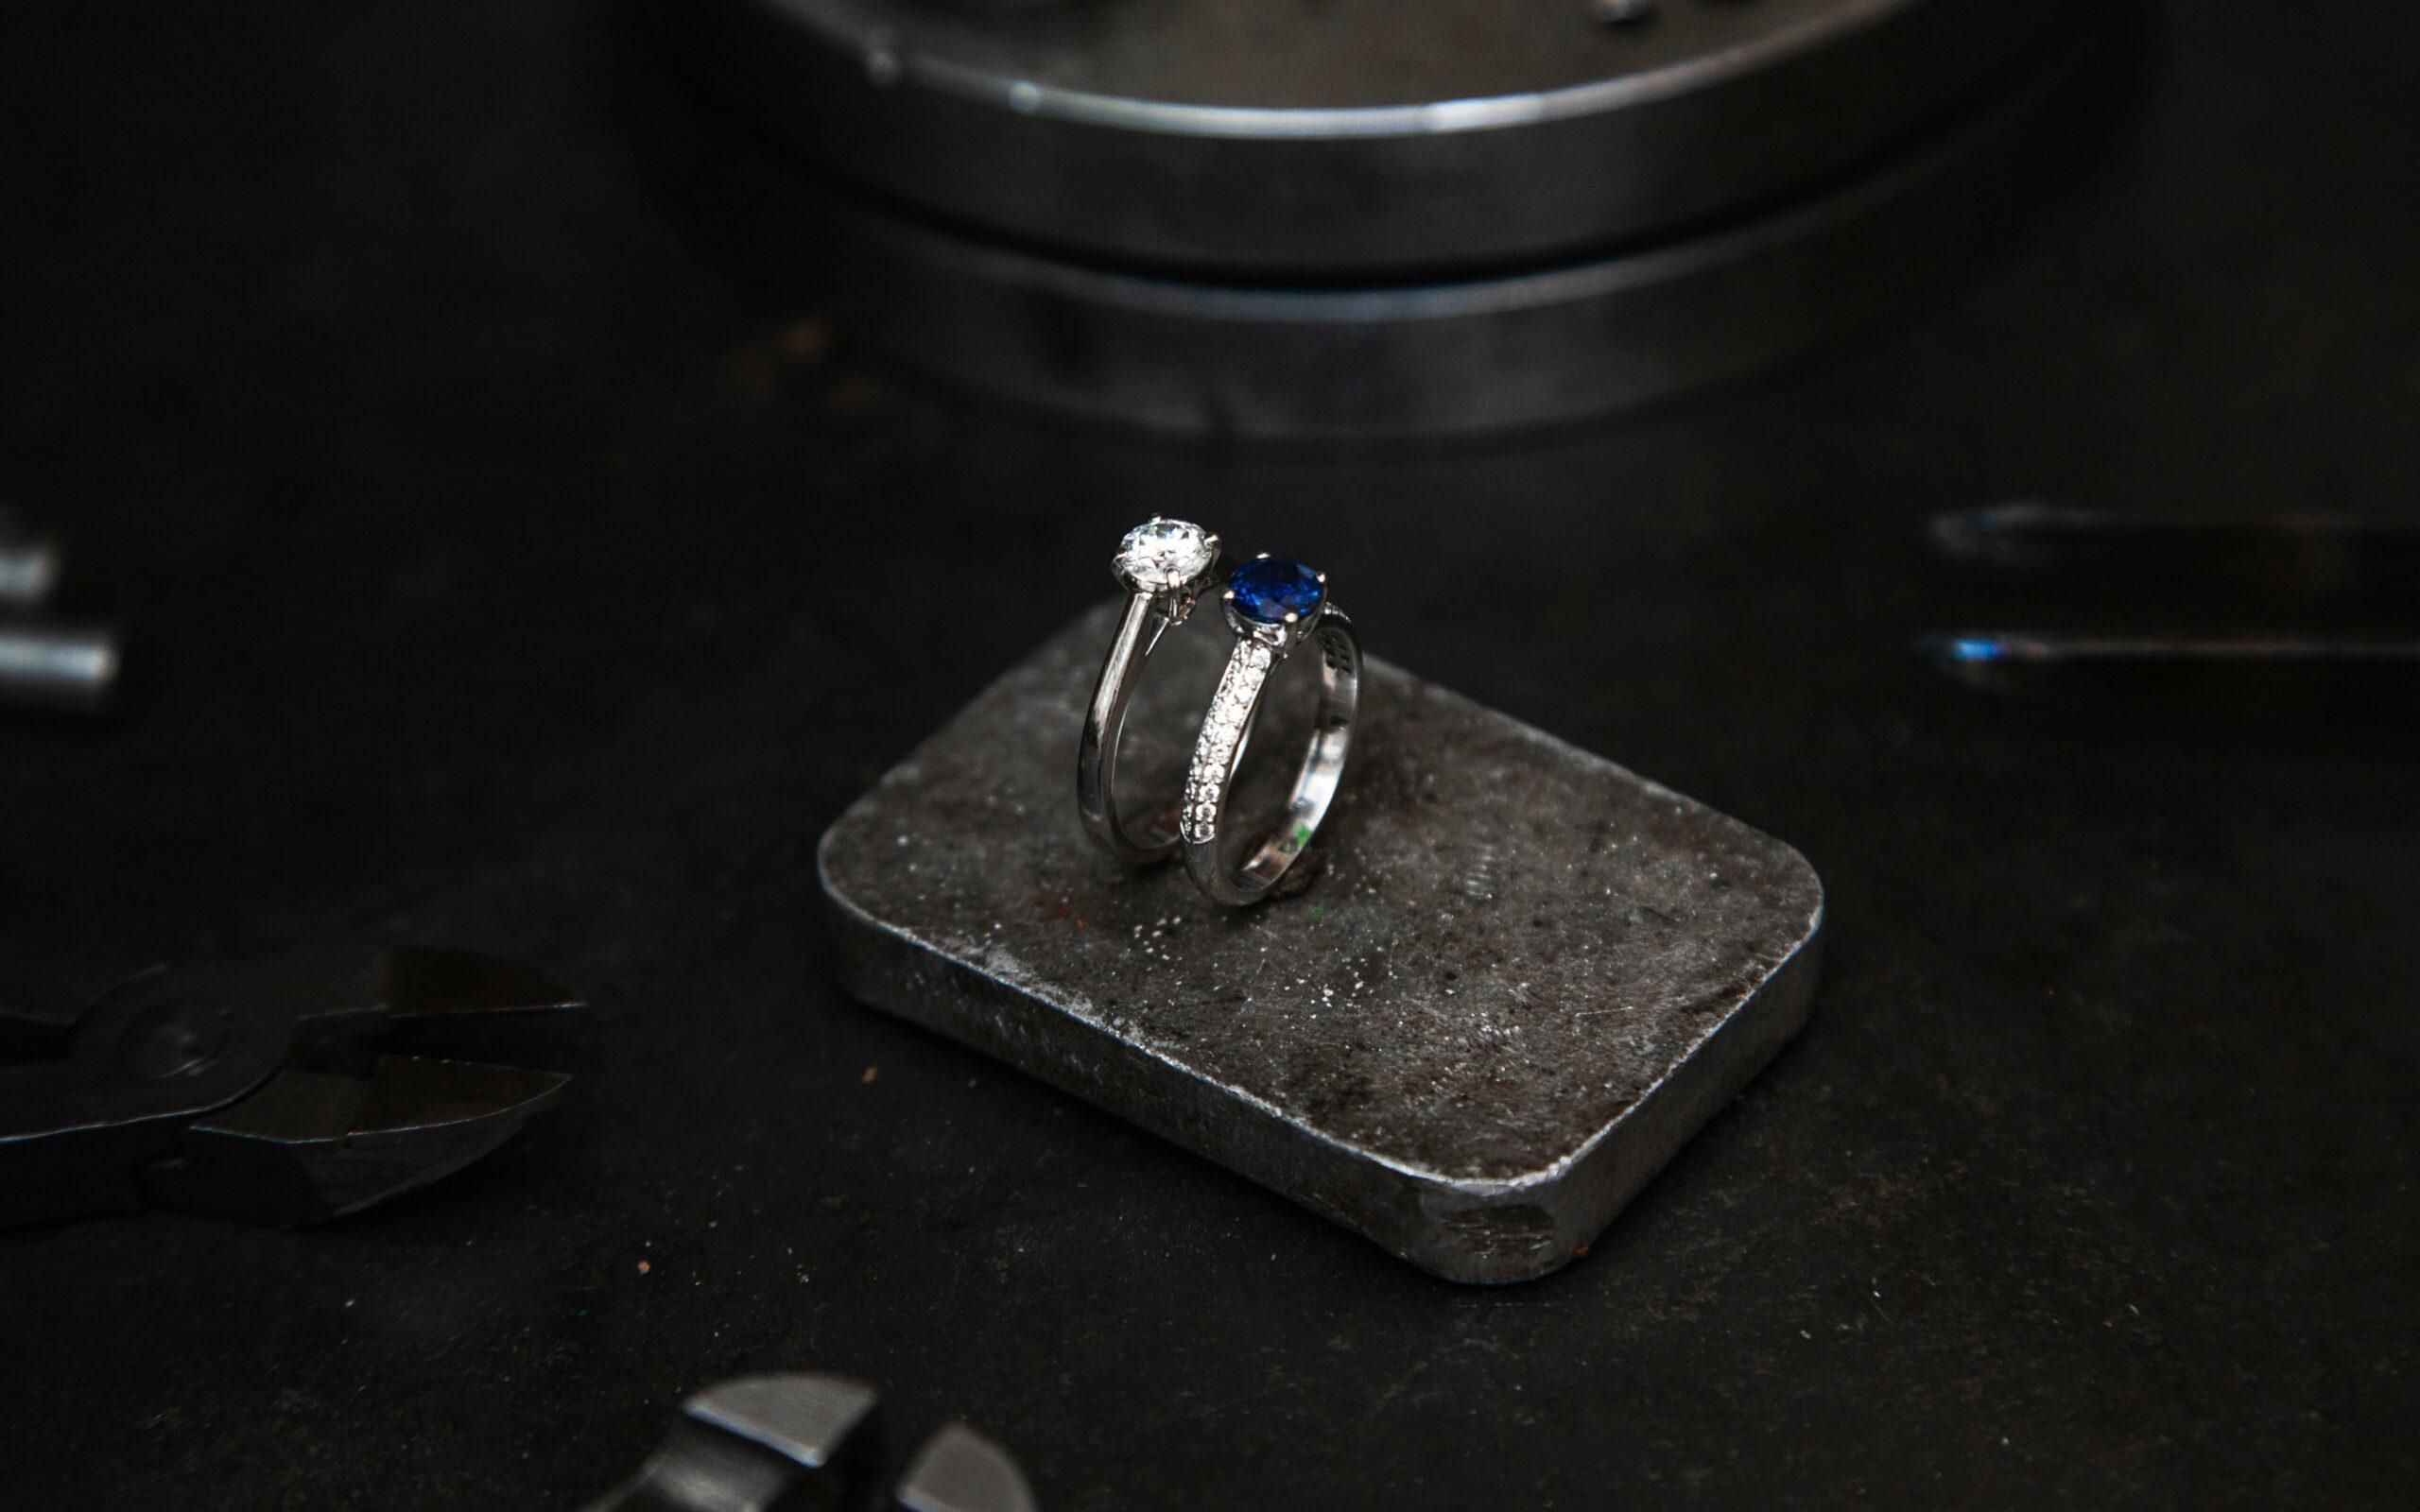 Diamond Jewels Background